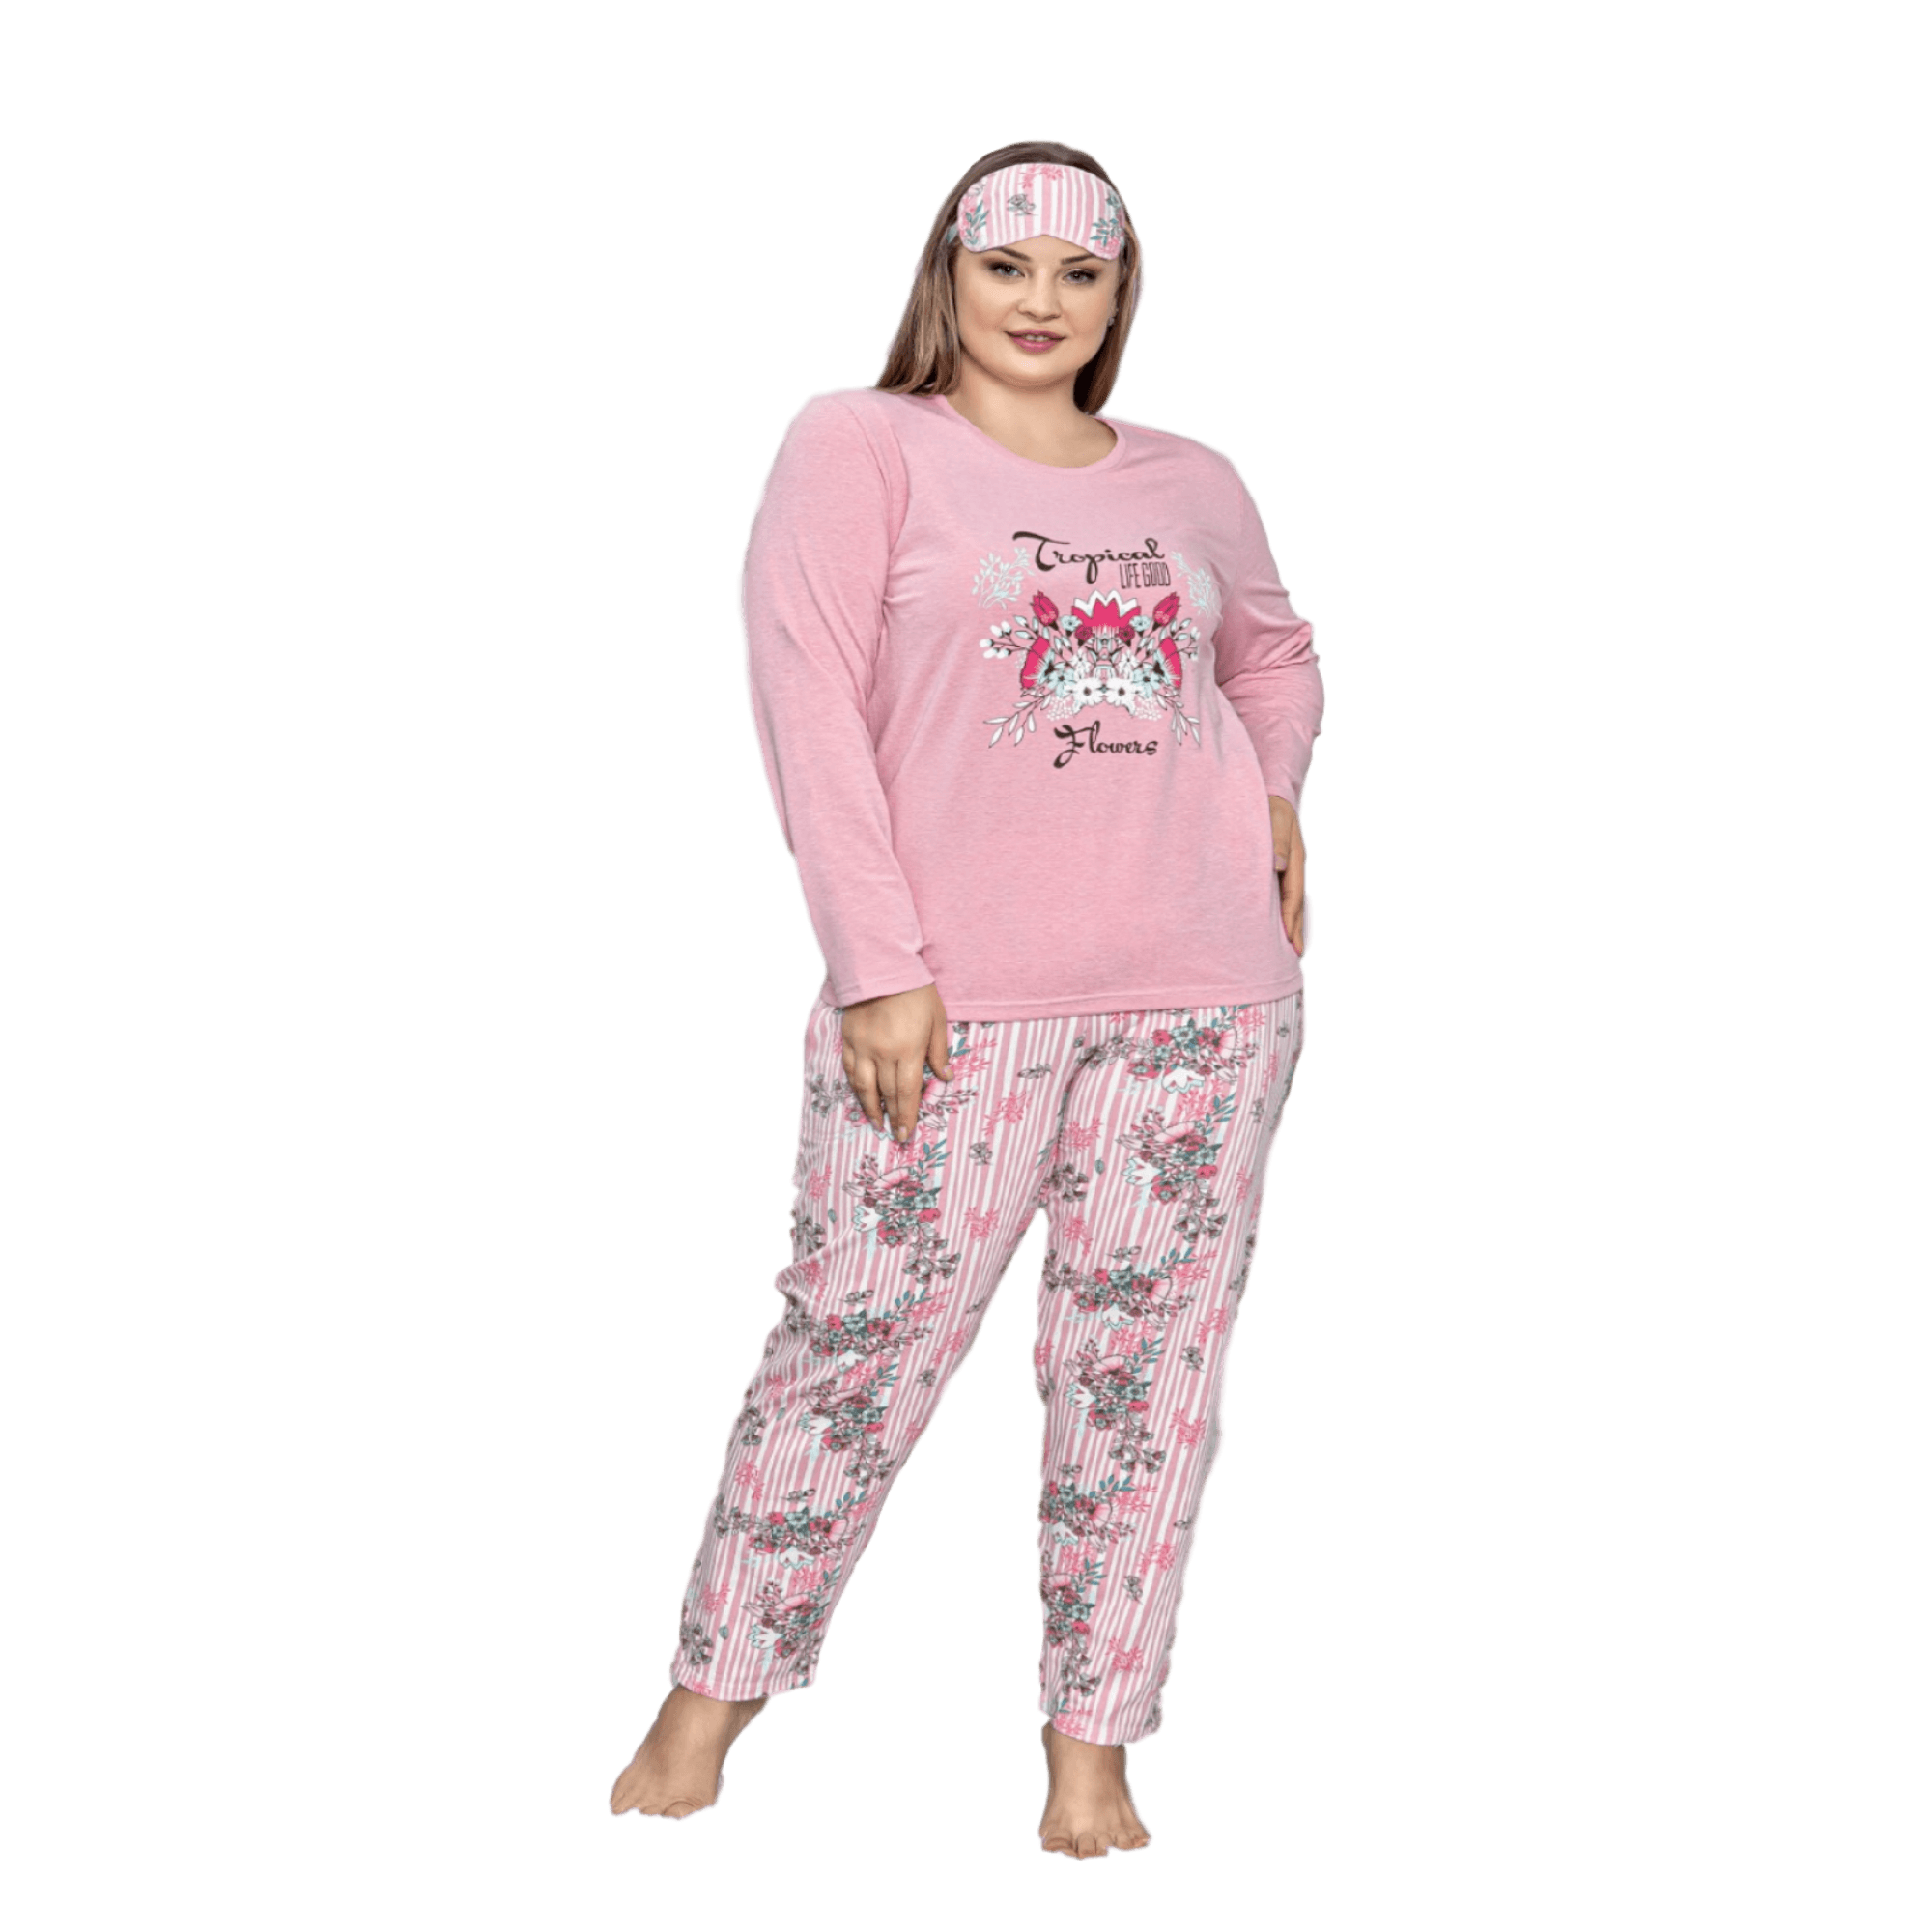 Asq дамска пижама в макси размер есен/зима